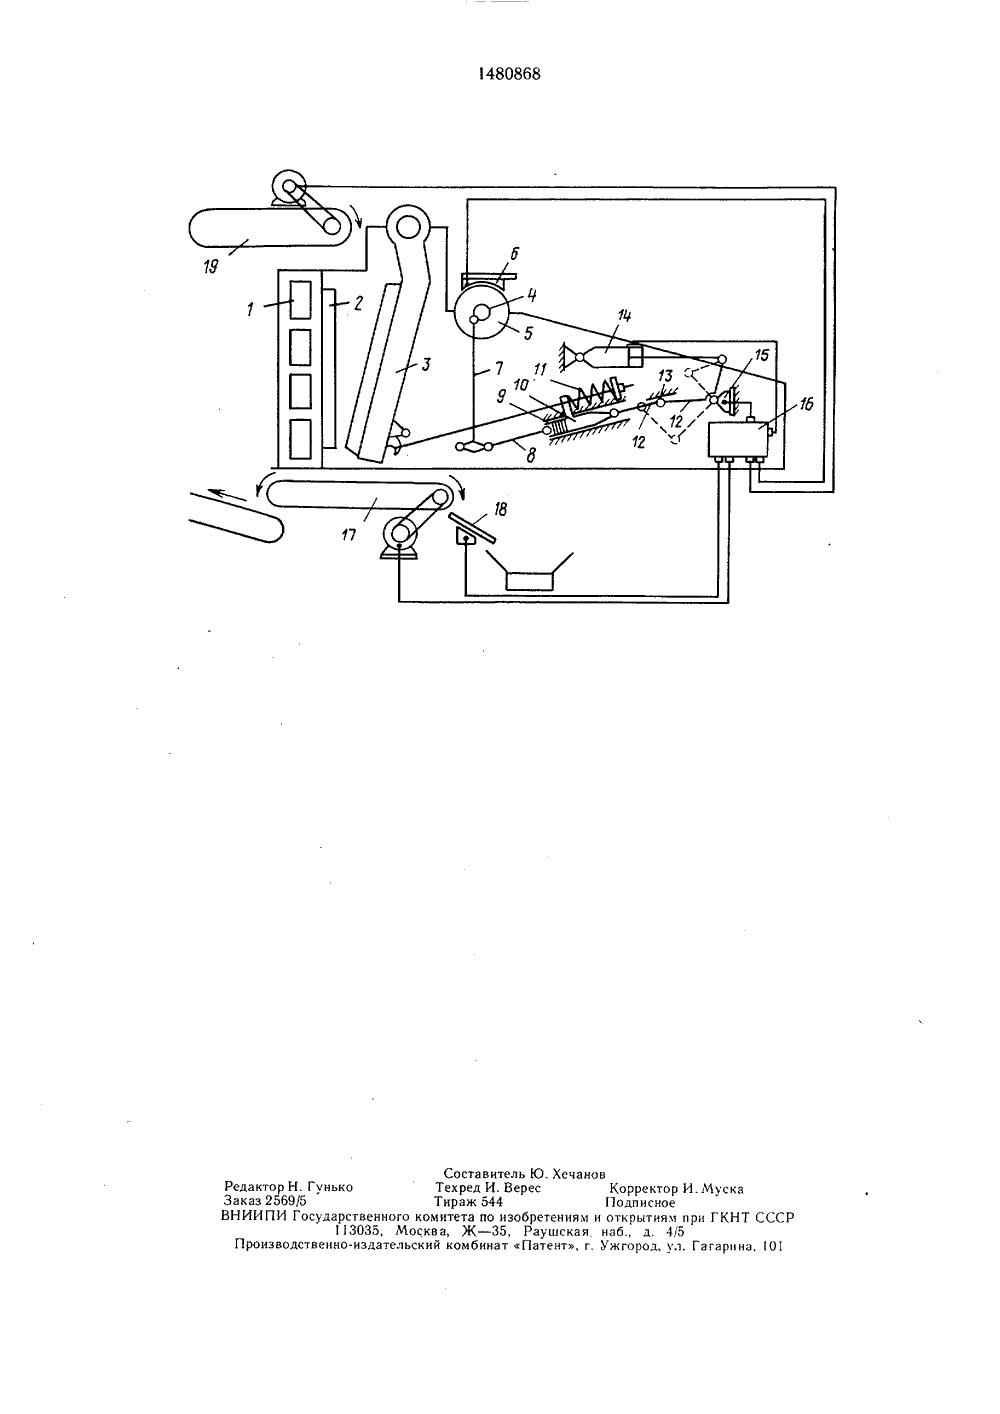 Шековая дробилка шд-10 роторная дробилка цена в Ставрополь